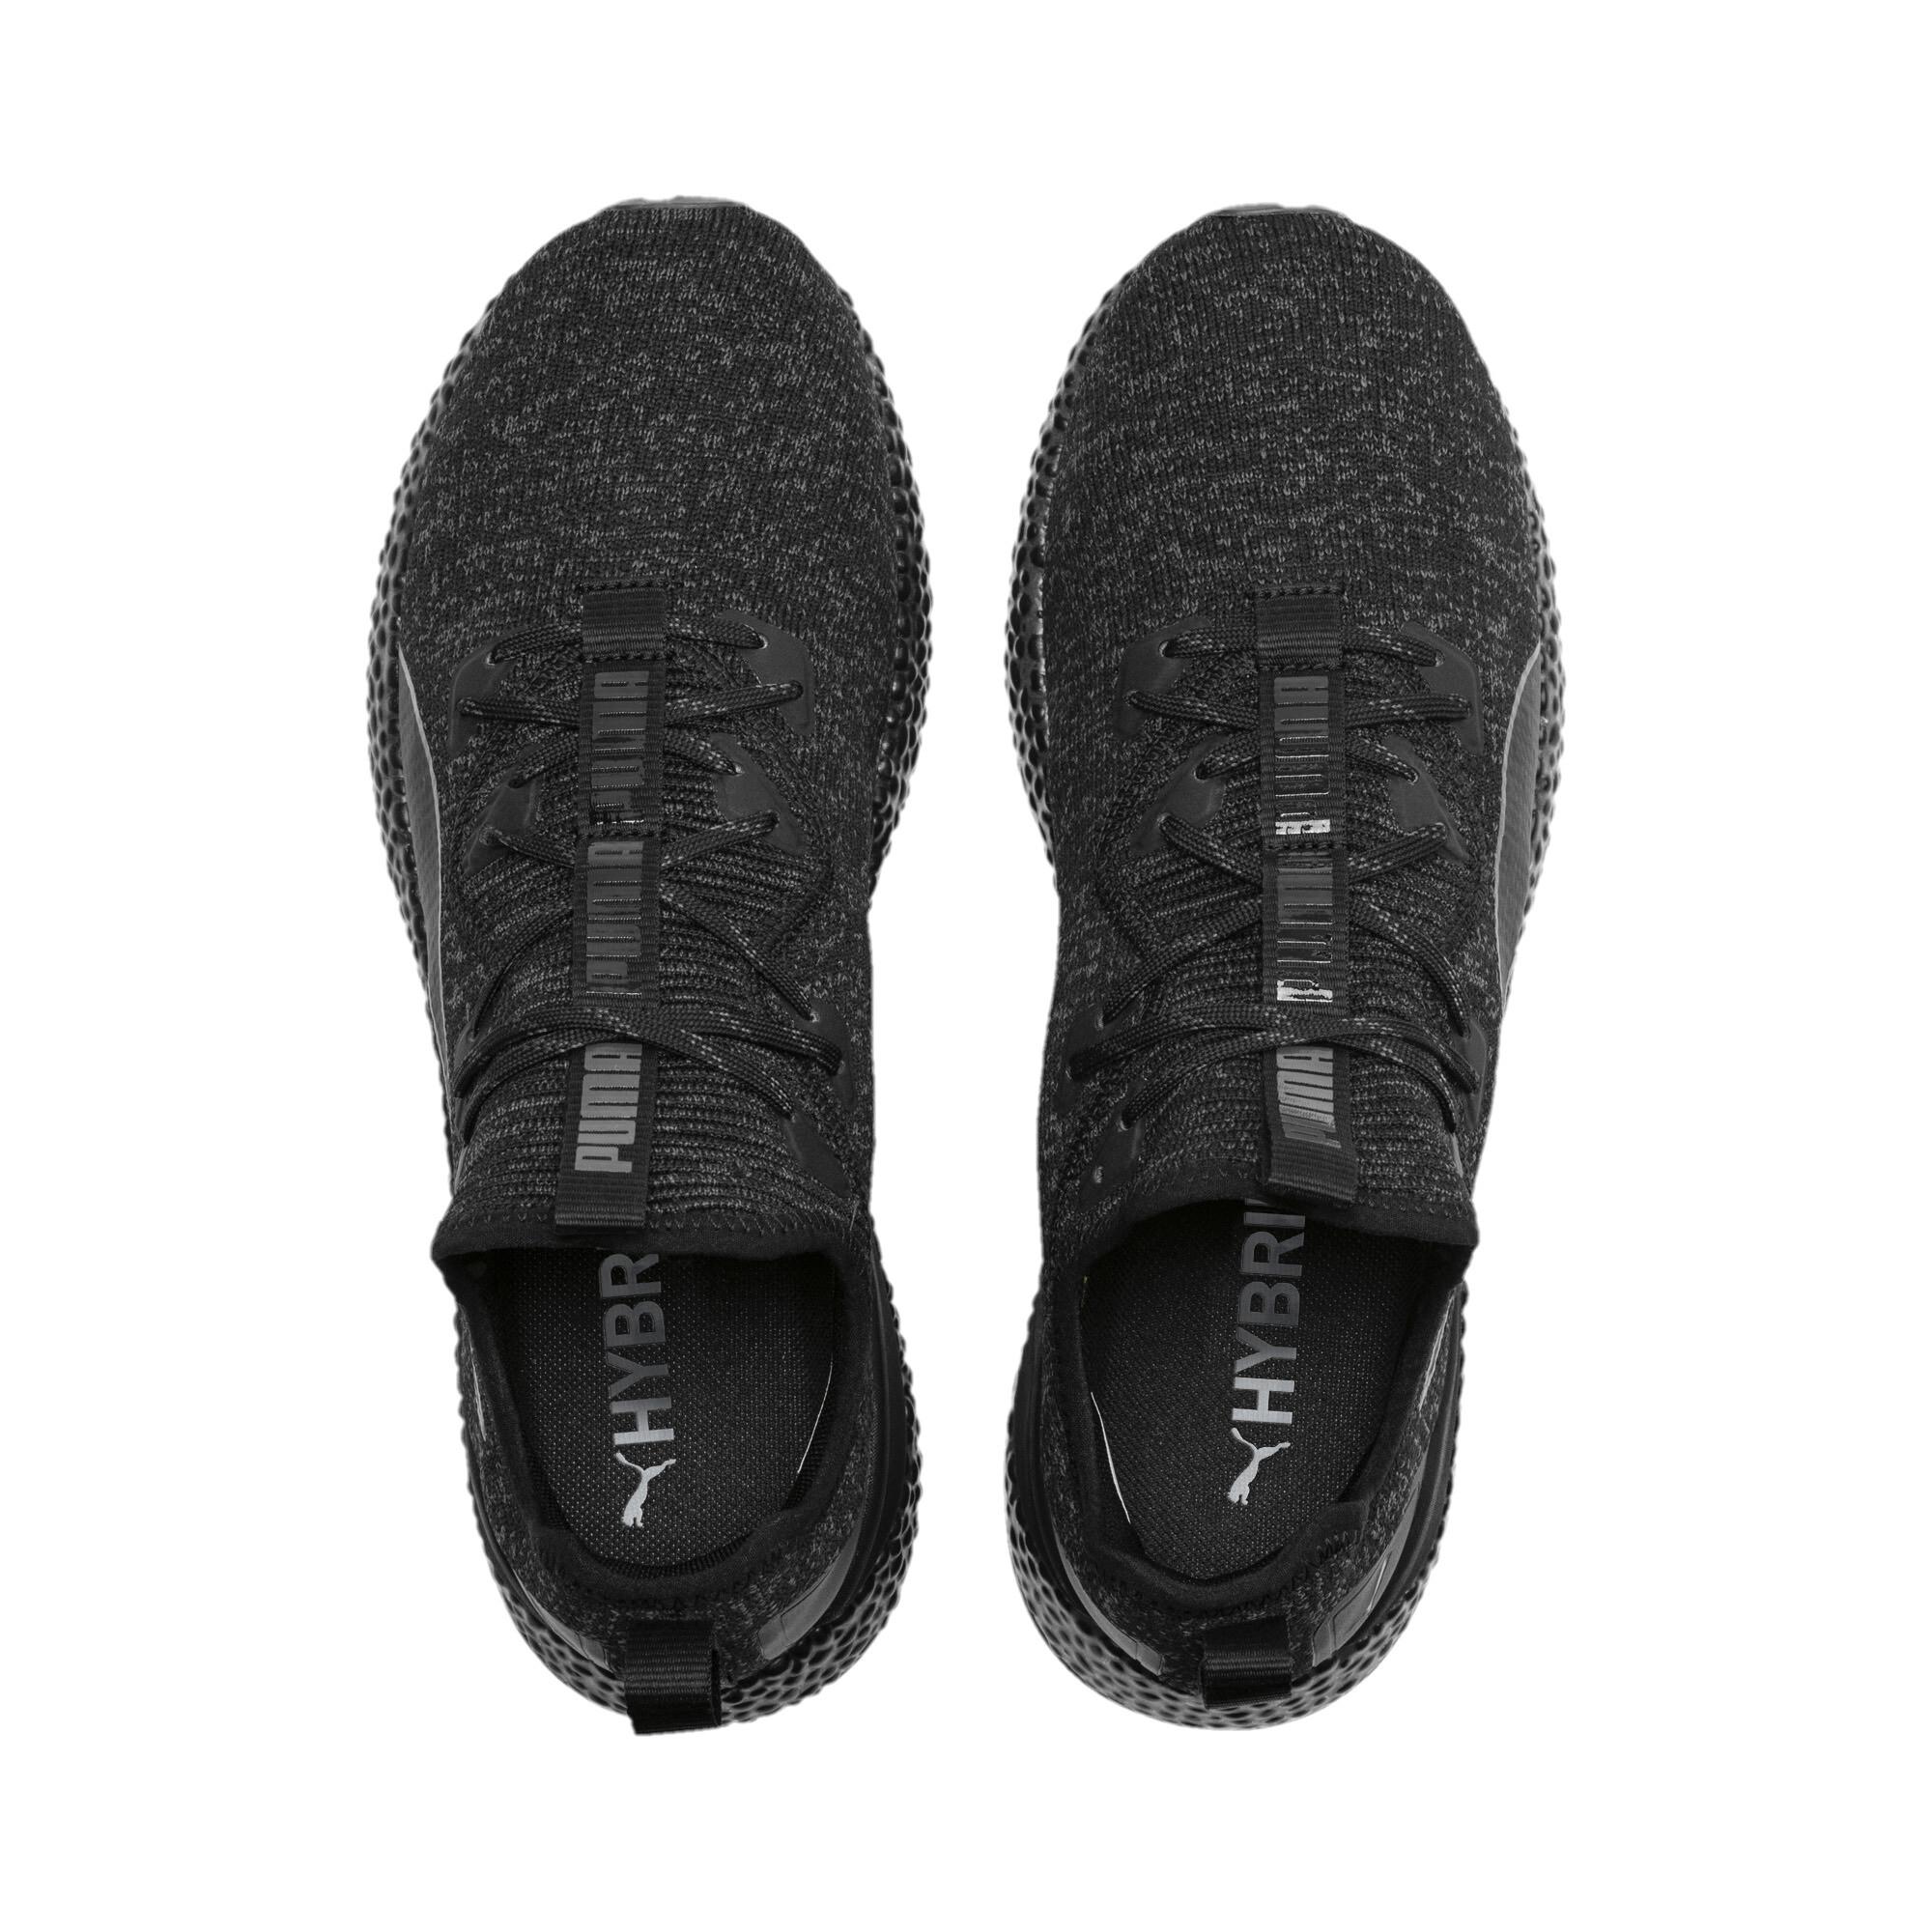 Zapatillas de running para hombre Hybrid Runner